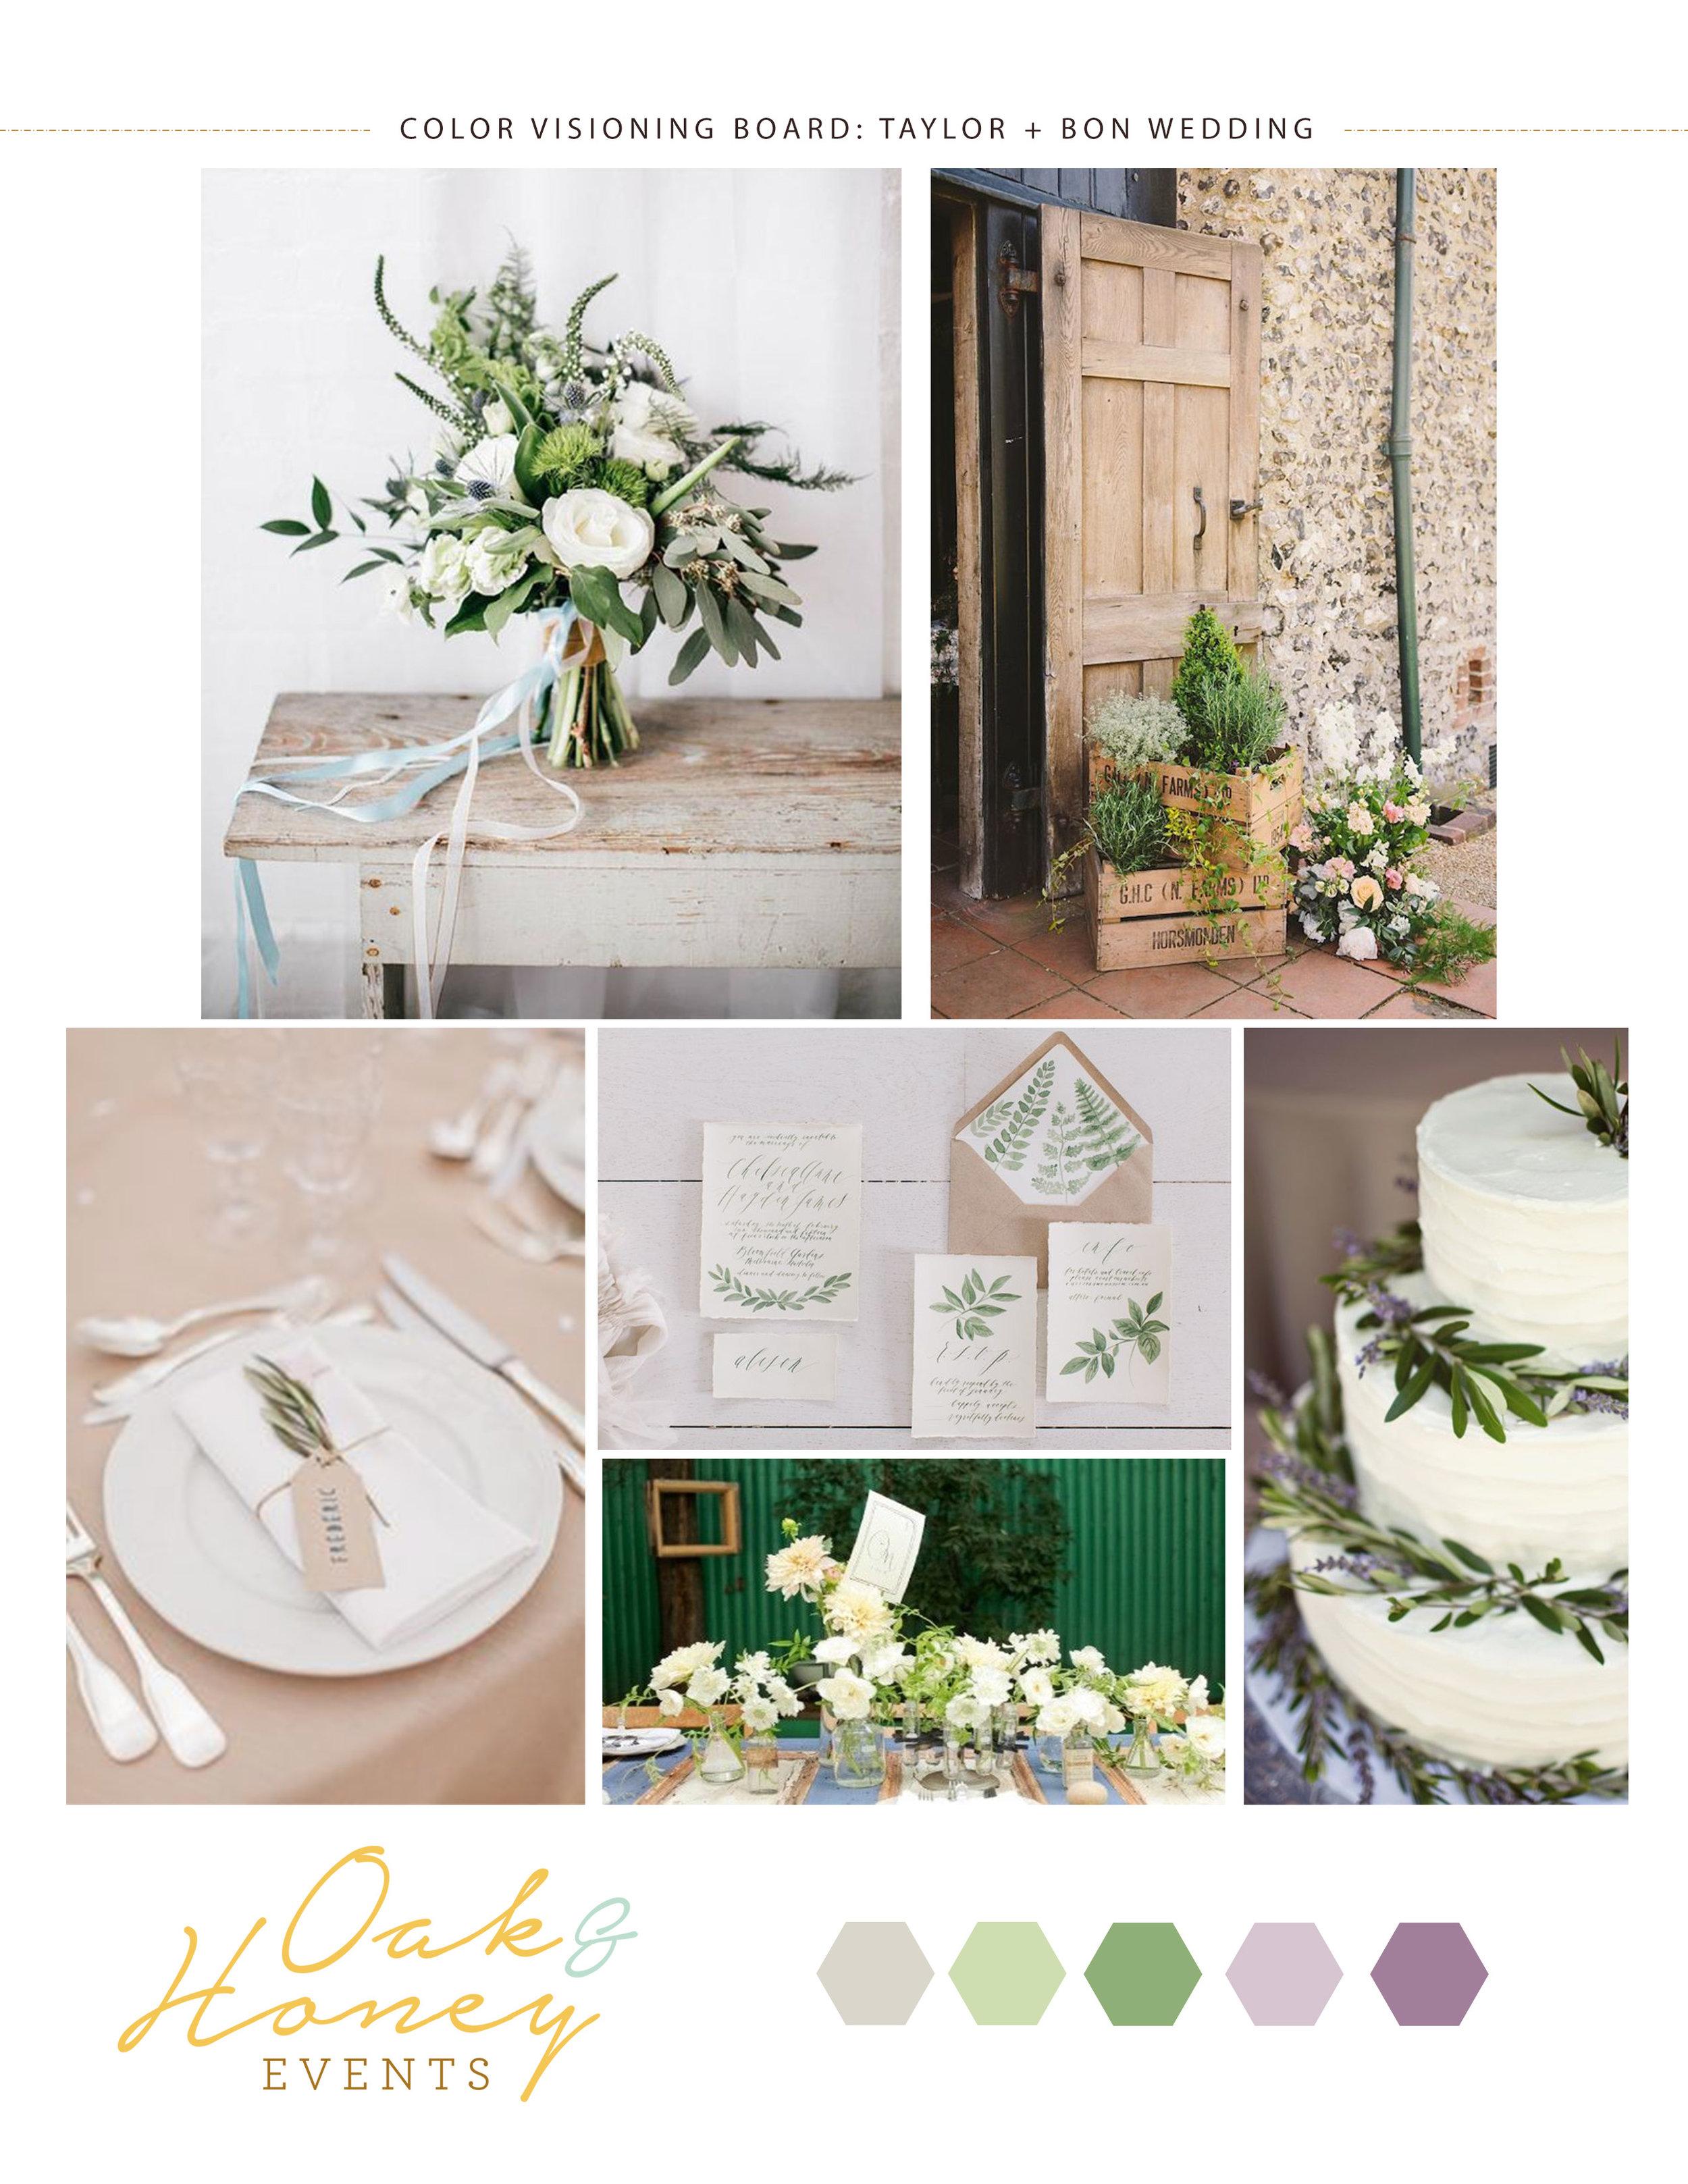 Meadow Ridge Farm Wedding vision board